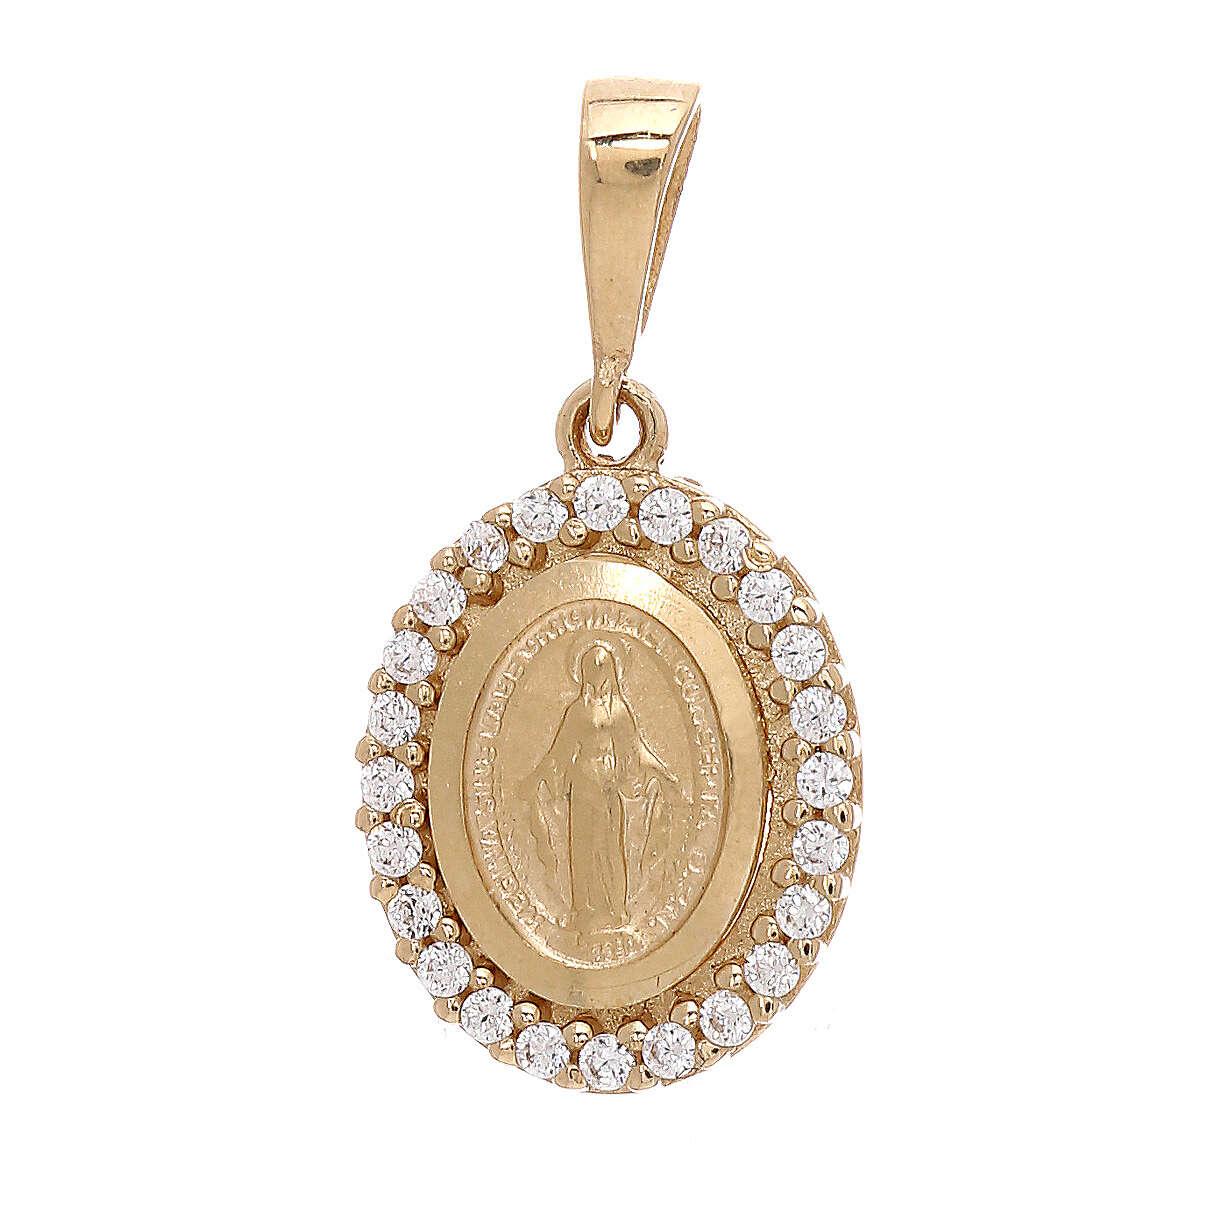 Colgante Virgen Milagrosa oro 18 k Swarovski blancos 1,7 gramos 4